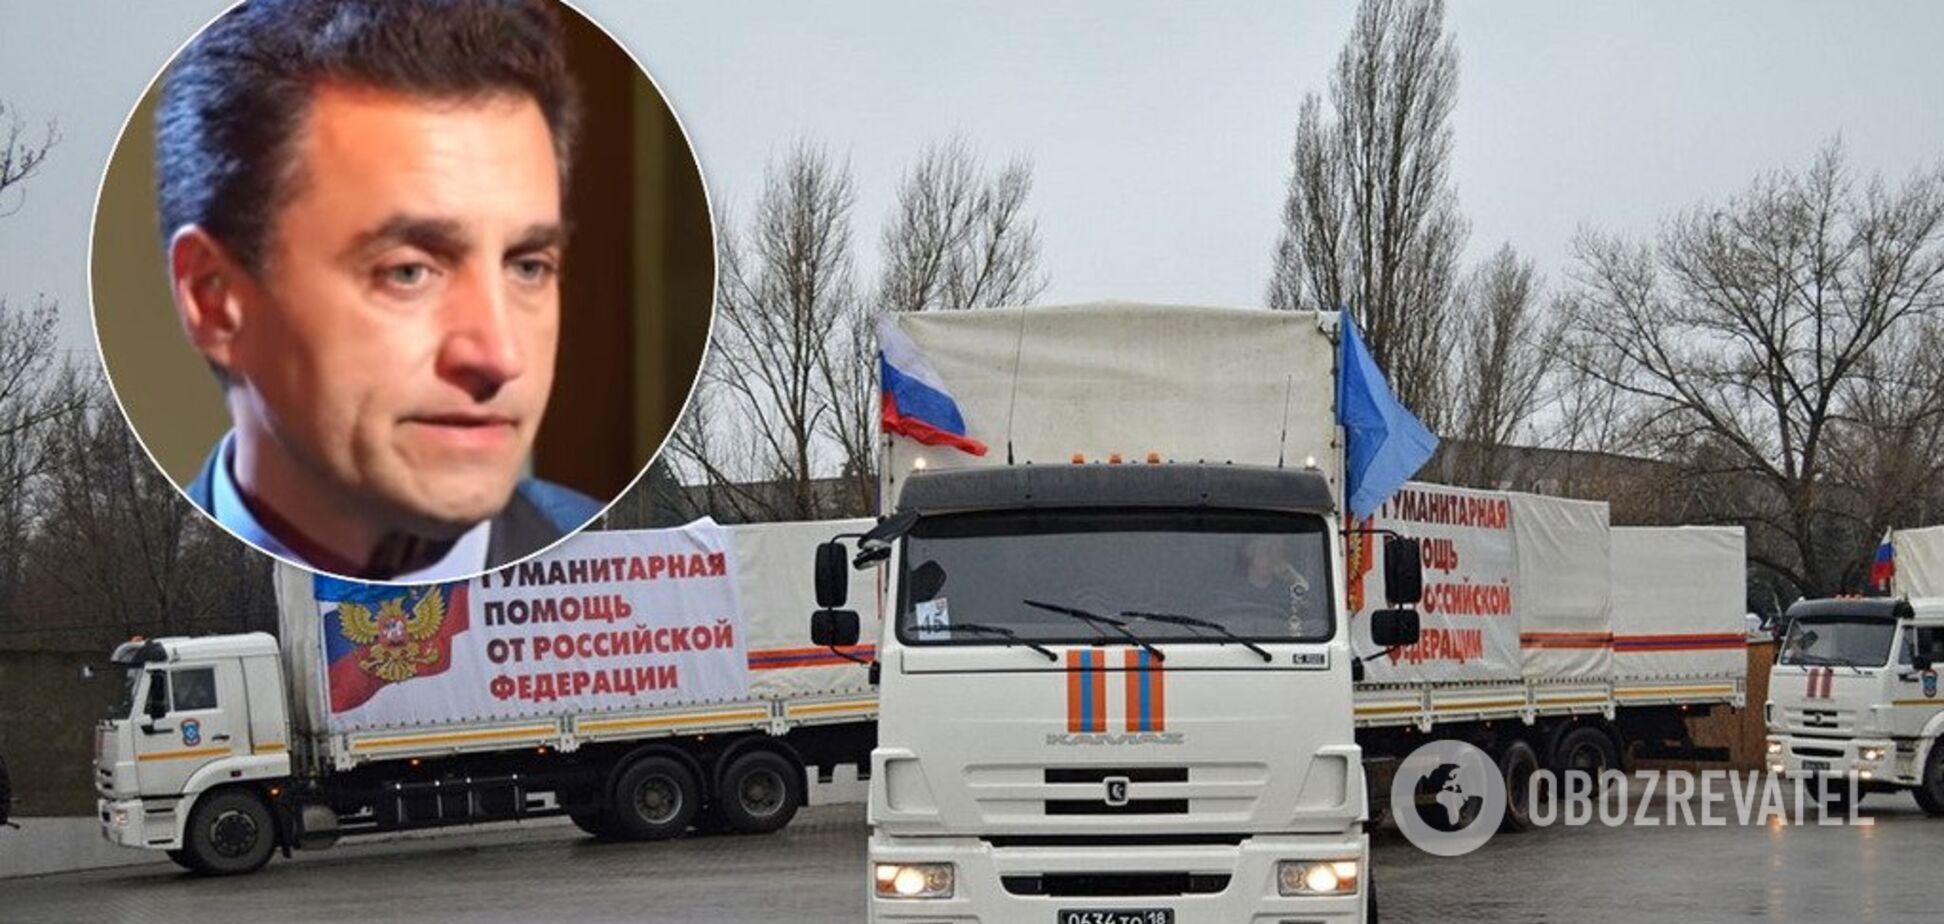 Вантажівки з готівкою: розвідник Матюха розкрив спонсорів 'ДНР' із Москви